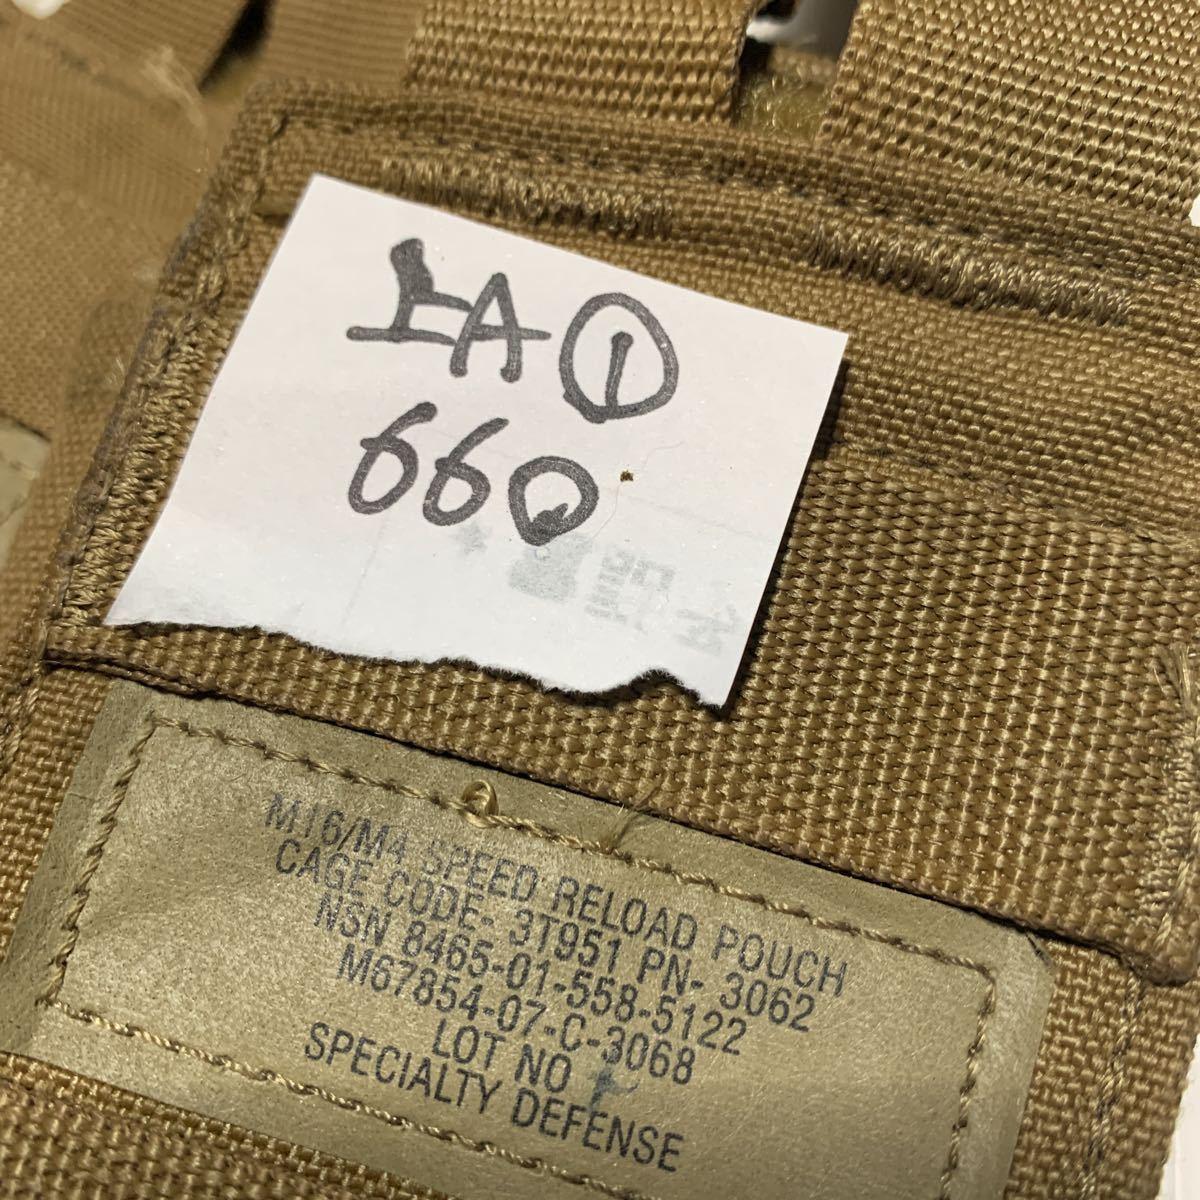 米軍放出品 アメリカ海兵隊 IFAKポーチ M16 M4用スピードリロードポーチセット 中古 リーコン コヨーテ USMC_画像4